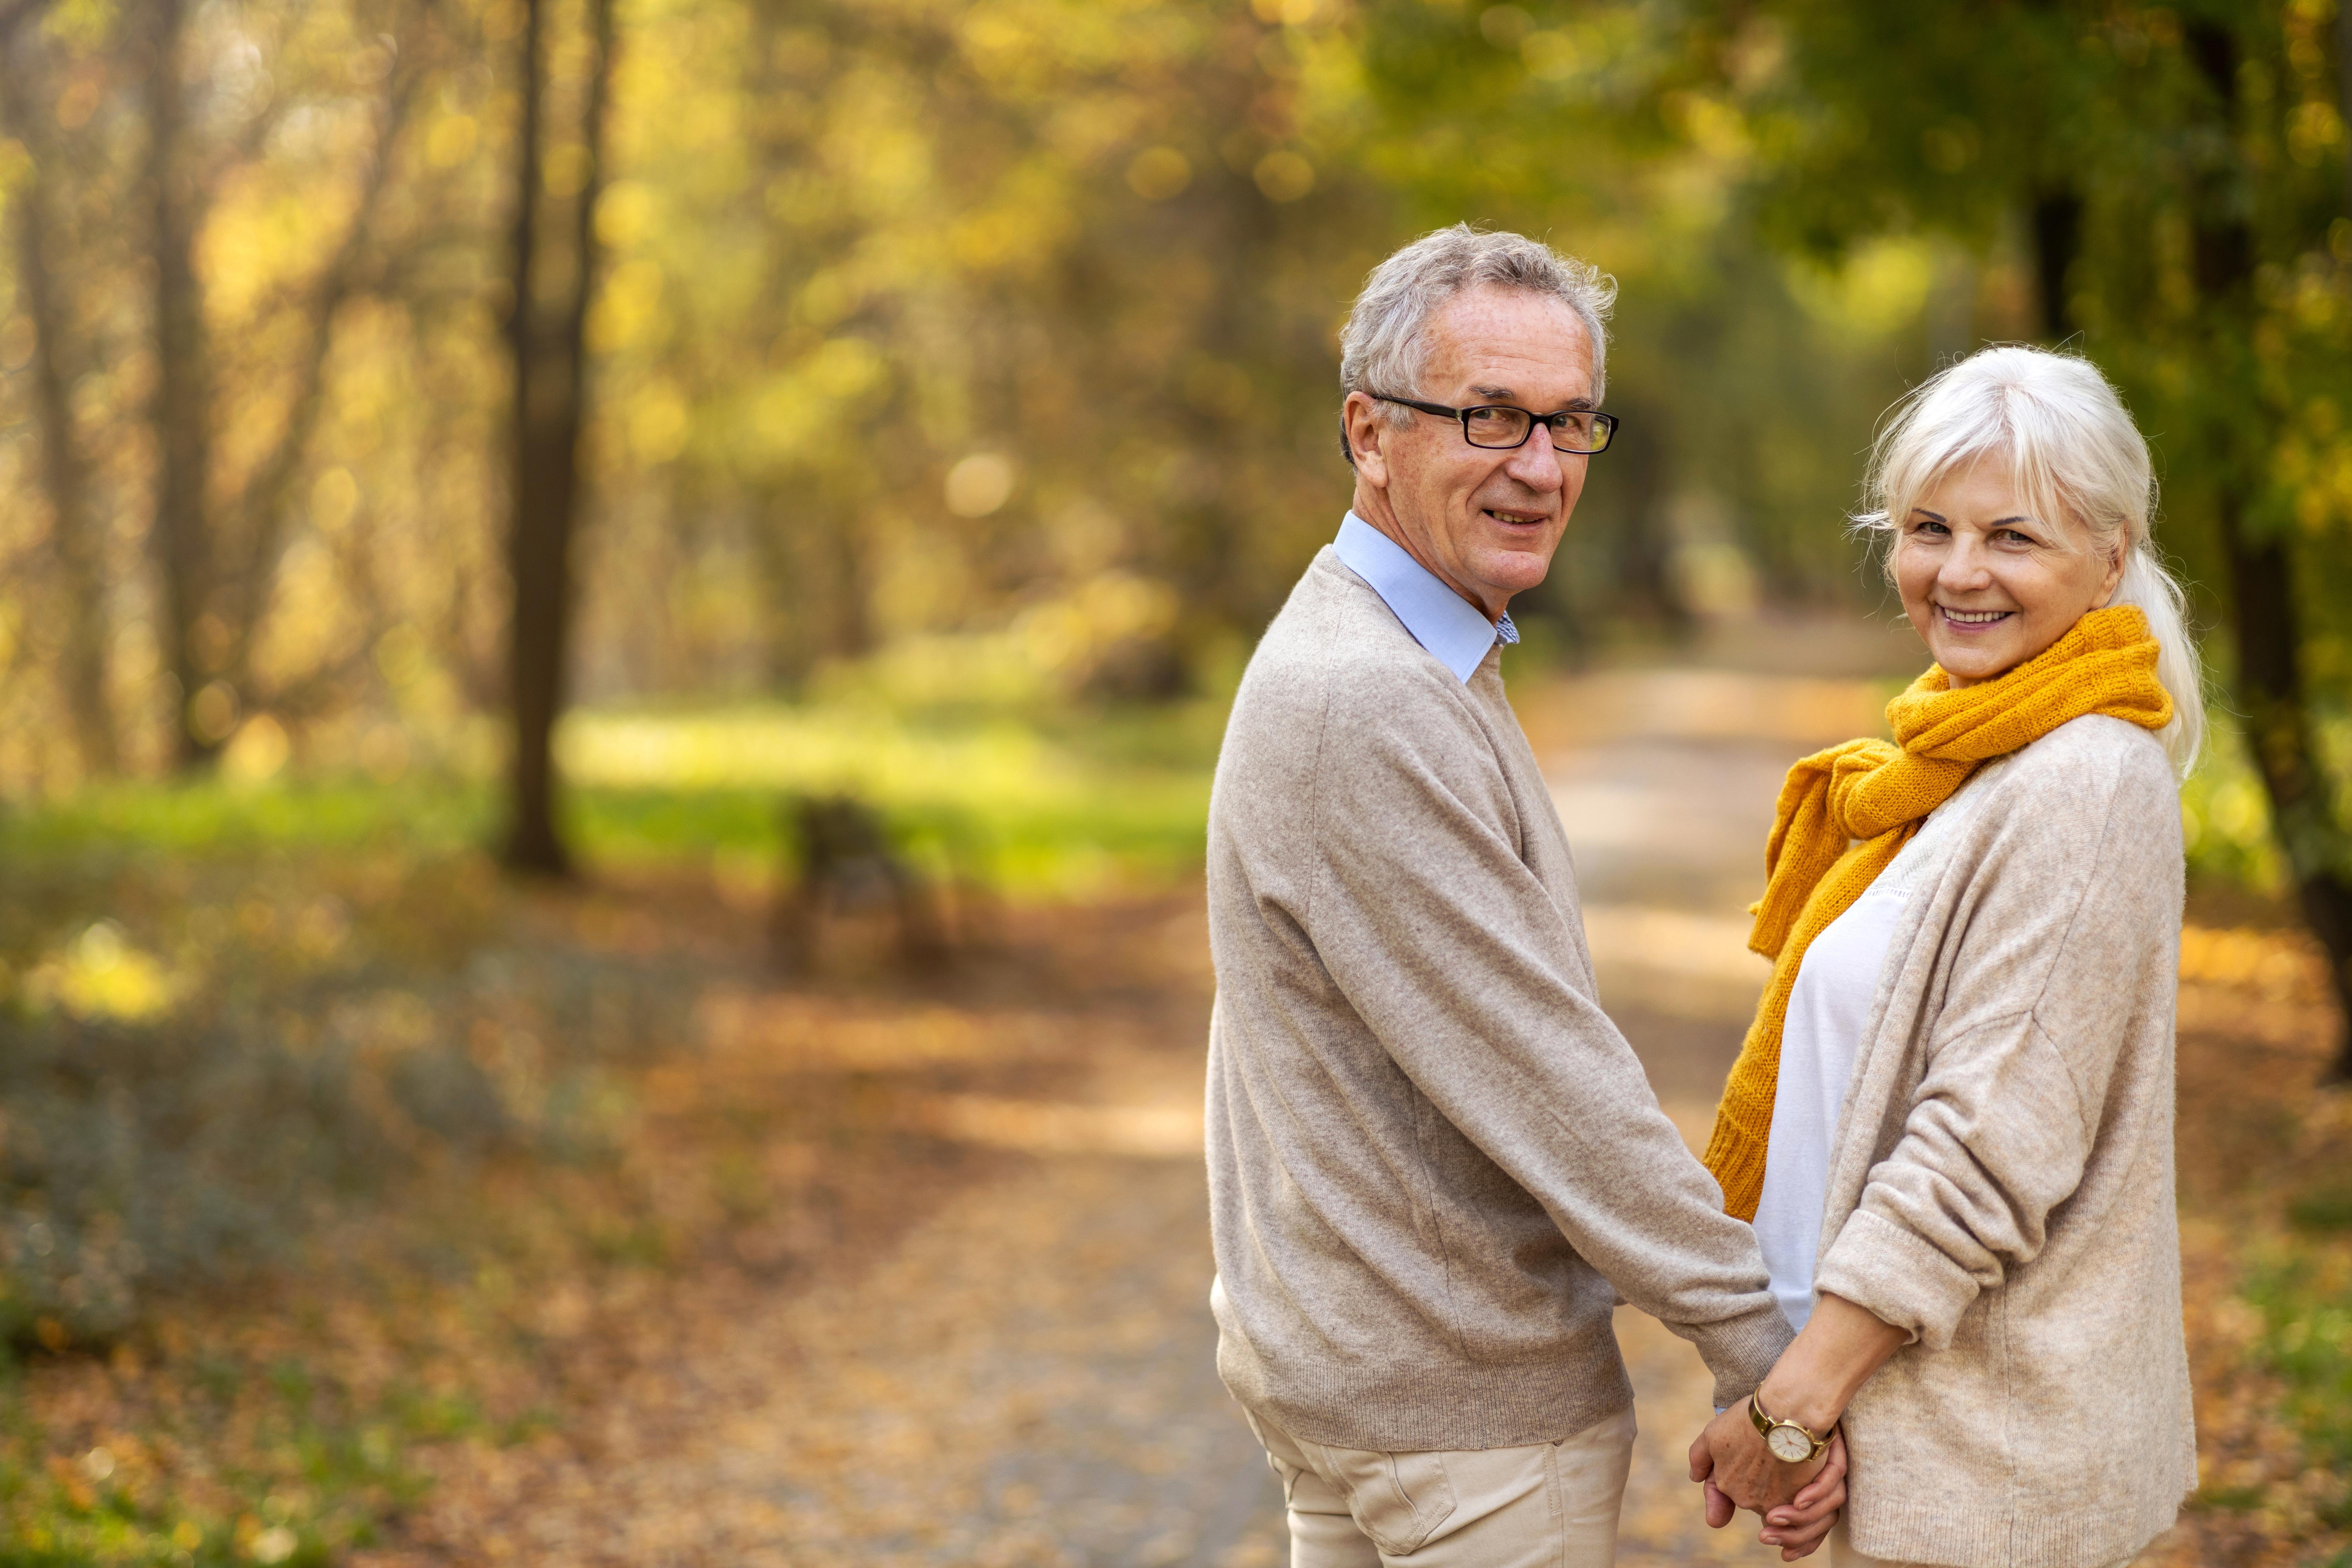 Пенсионеры, которые могут получить ВНЖ в Чехии